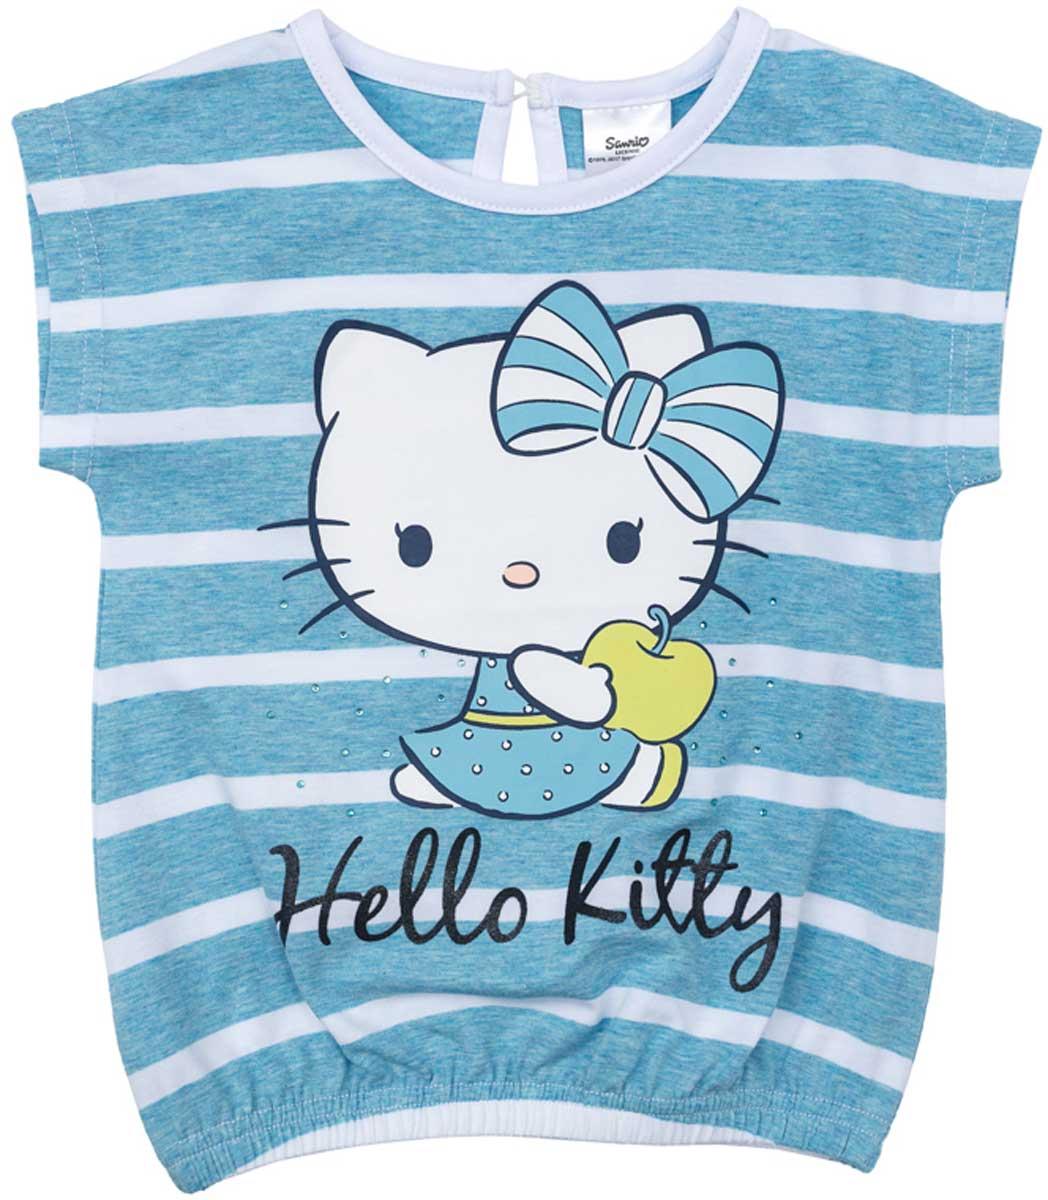 Футболка672102Футболка для девочки PlayToday свободного классического кроя прекрасно подойдет как для домашнего использования, так и для прогулок на свежем воздухе. Можно использовать в качестве базовой вещи повседневного гардероба вашего ребенка. Яркий стильный лицензированный принт Hello Kitty является достойным украшением данного изделия.